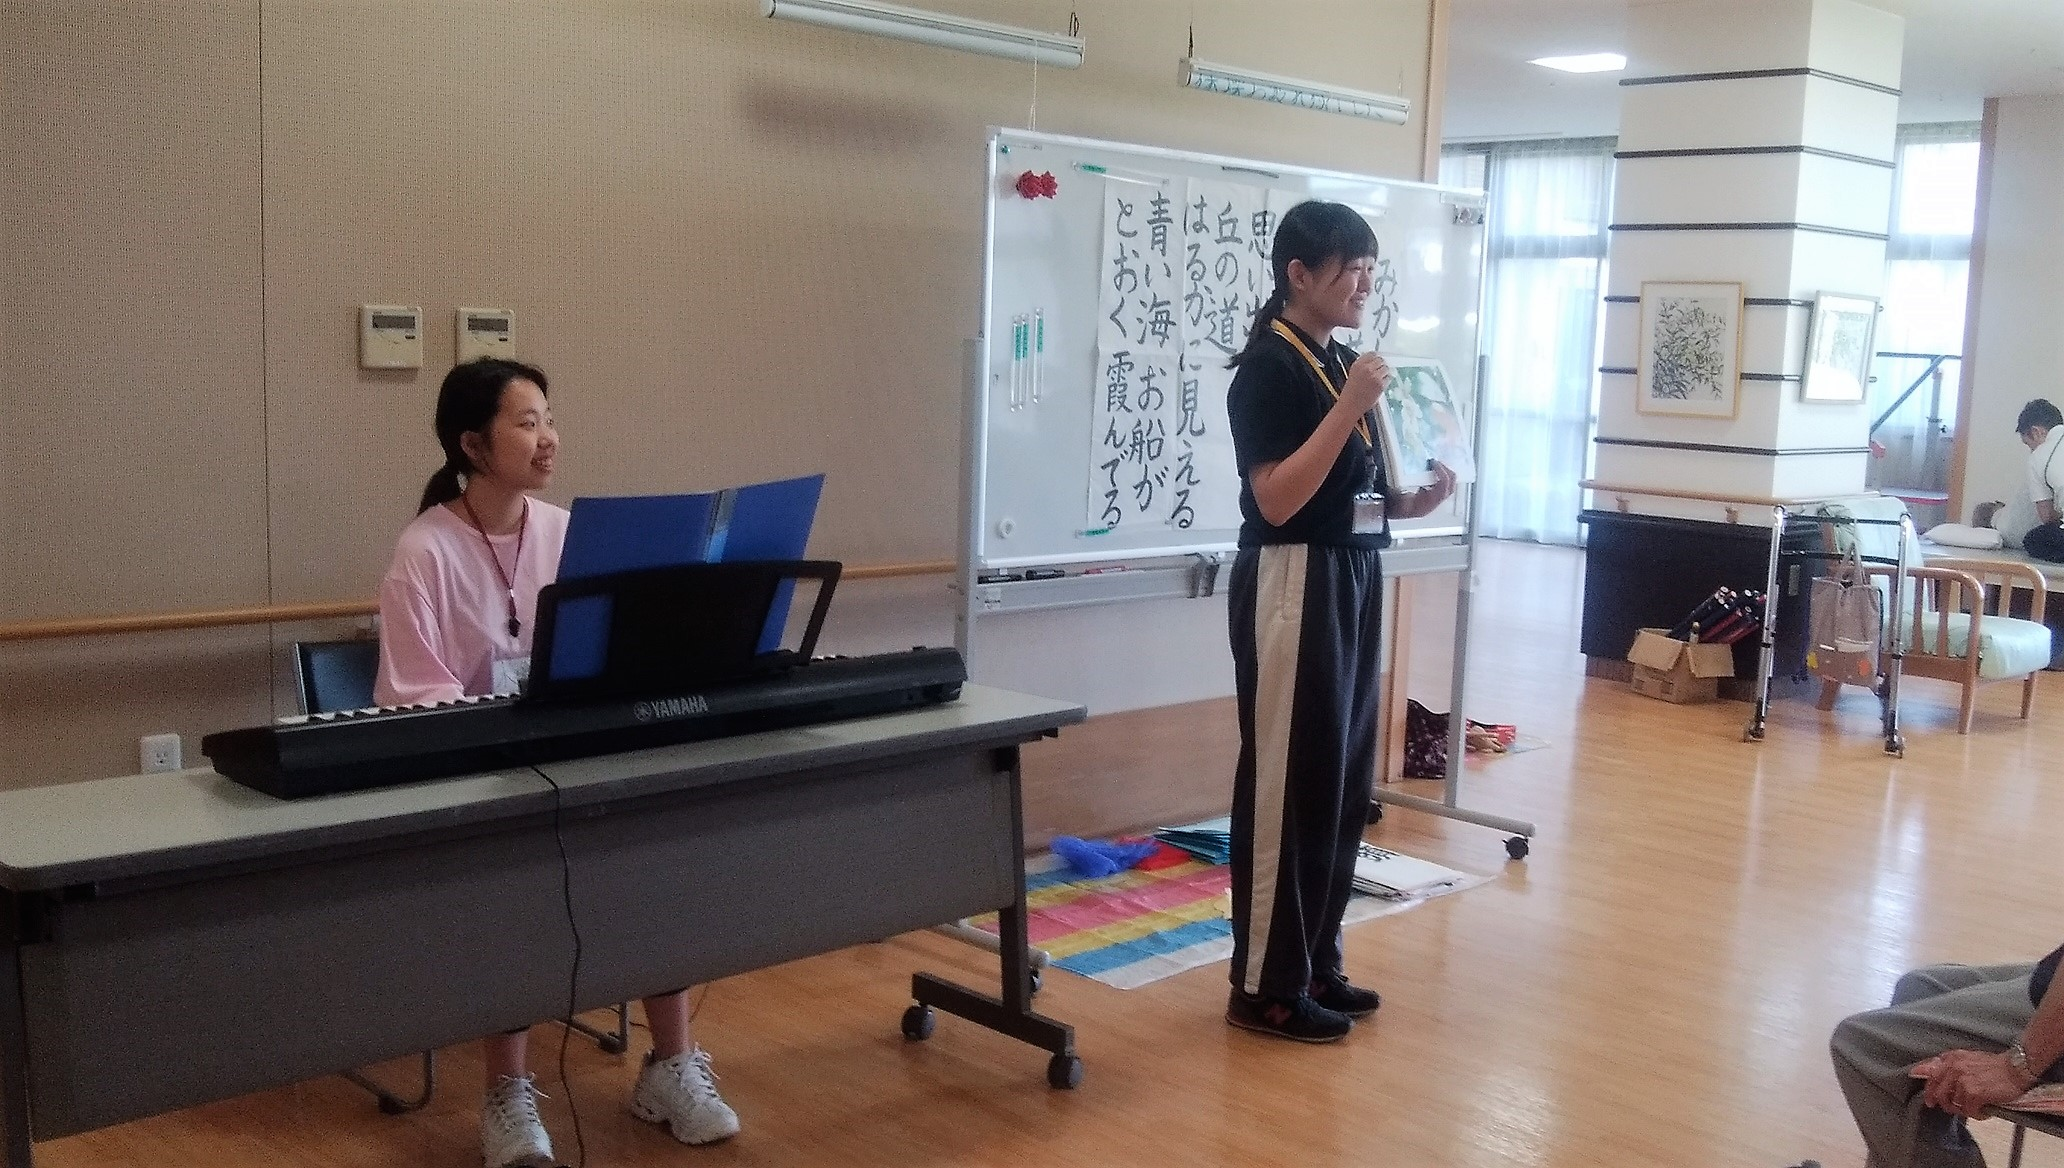 音楽療法の現場で実習~参加する方々の機能を最大限引き出す~